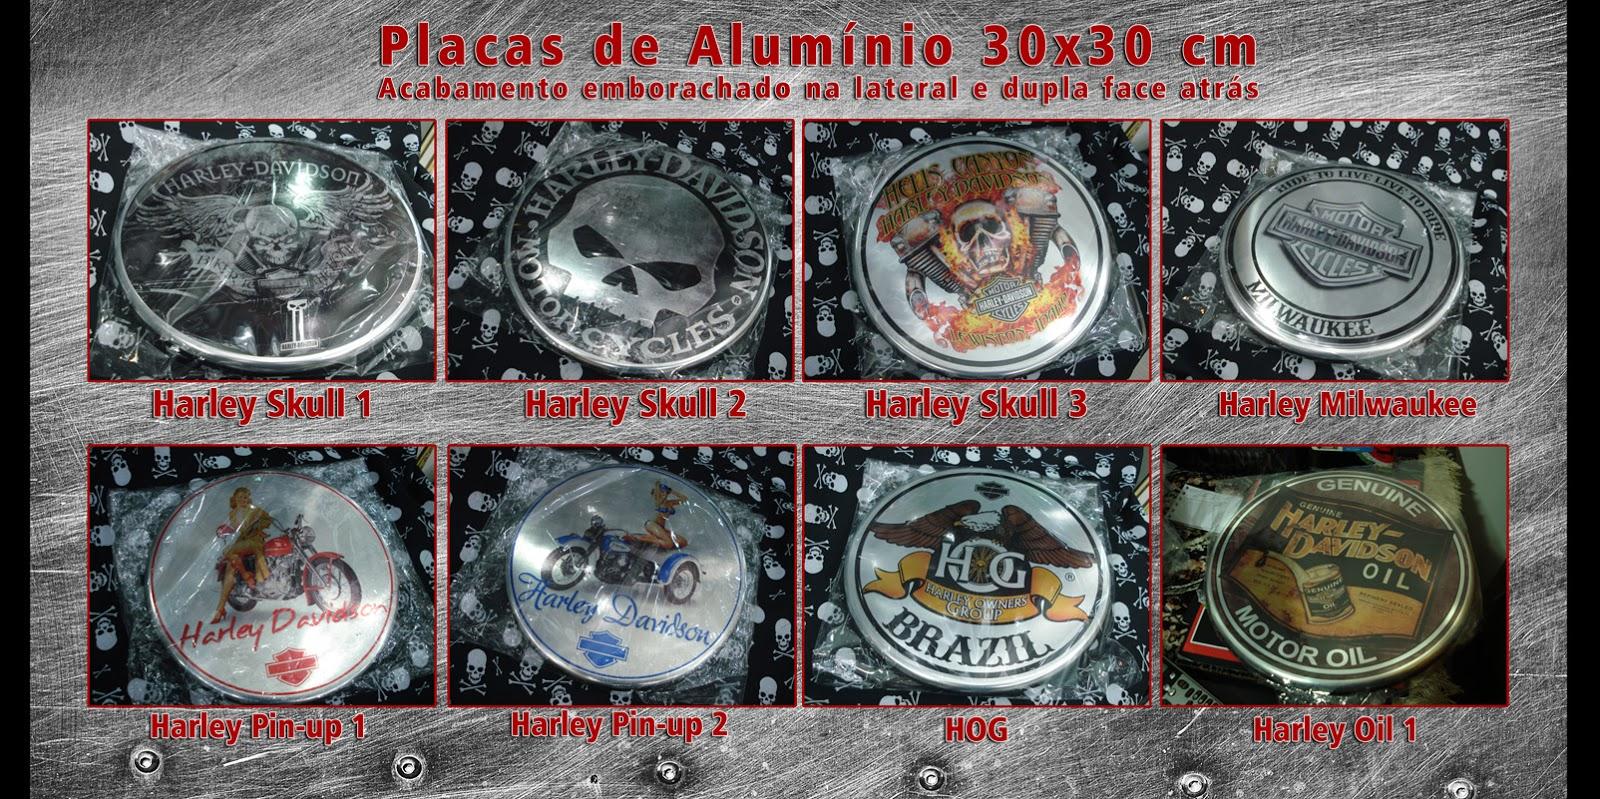 Martinx xv visual concepts placas de alum nio 30x30 cm - Placas de aluminio ...